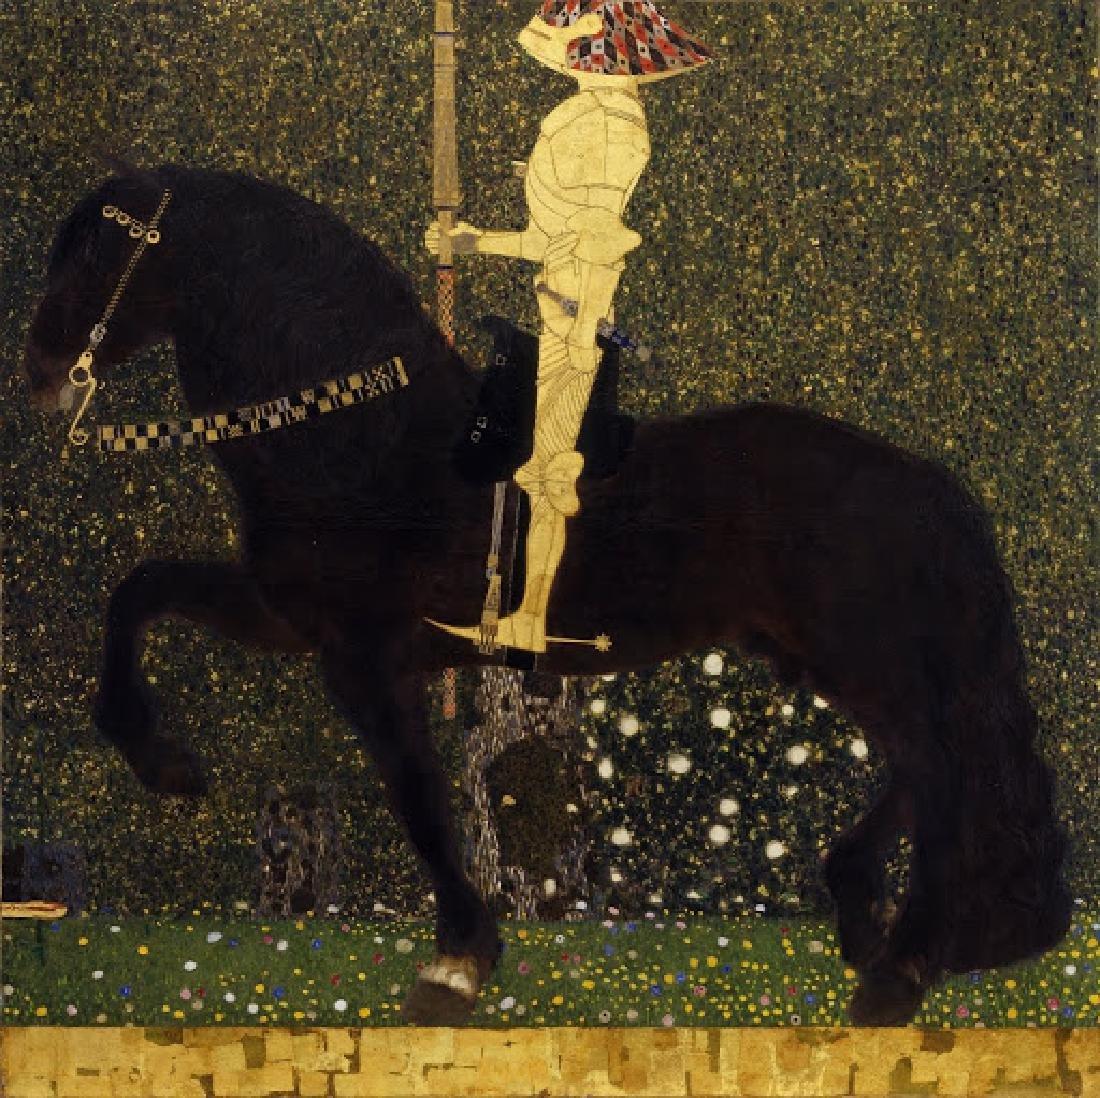 After Gustav Klimt: Life is a struggle statue - 5